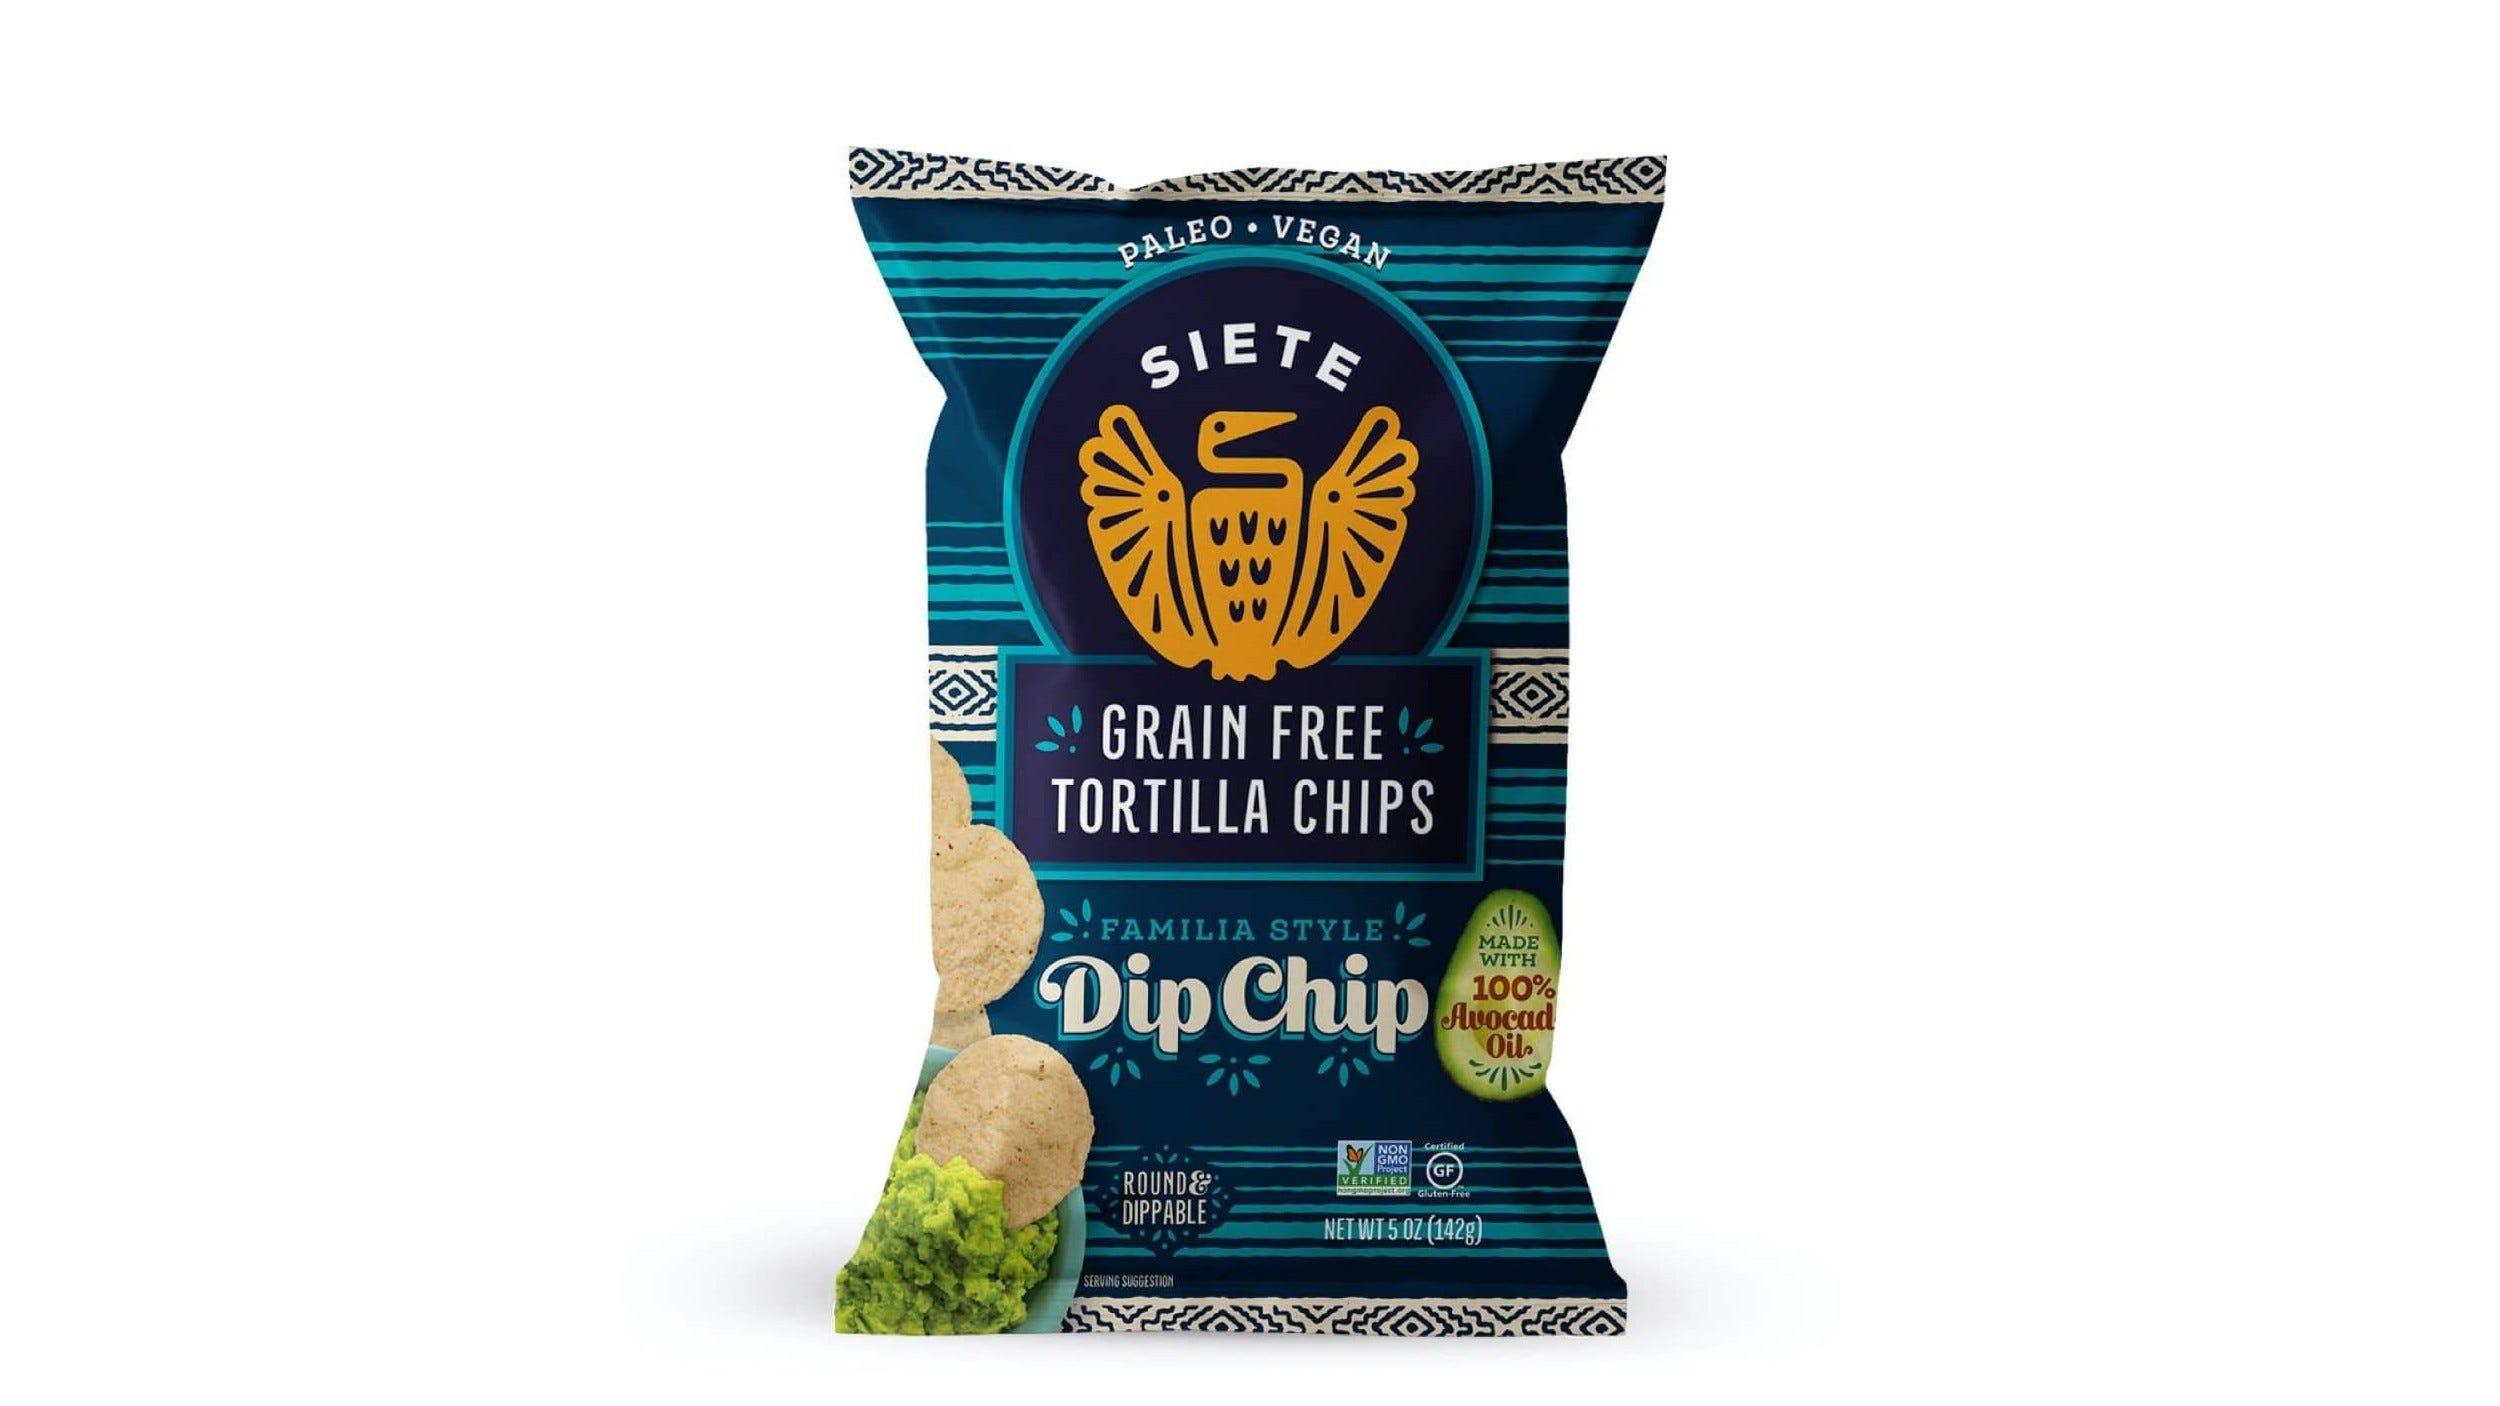 A bag of Siete Tortilla Dip Chips.